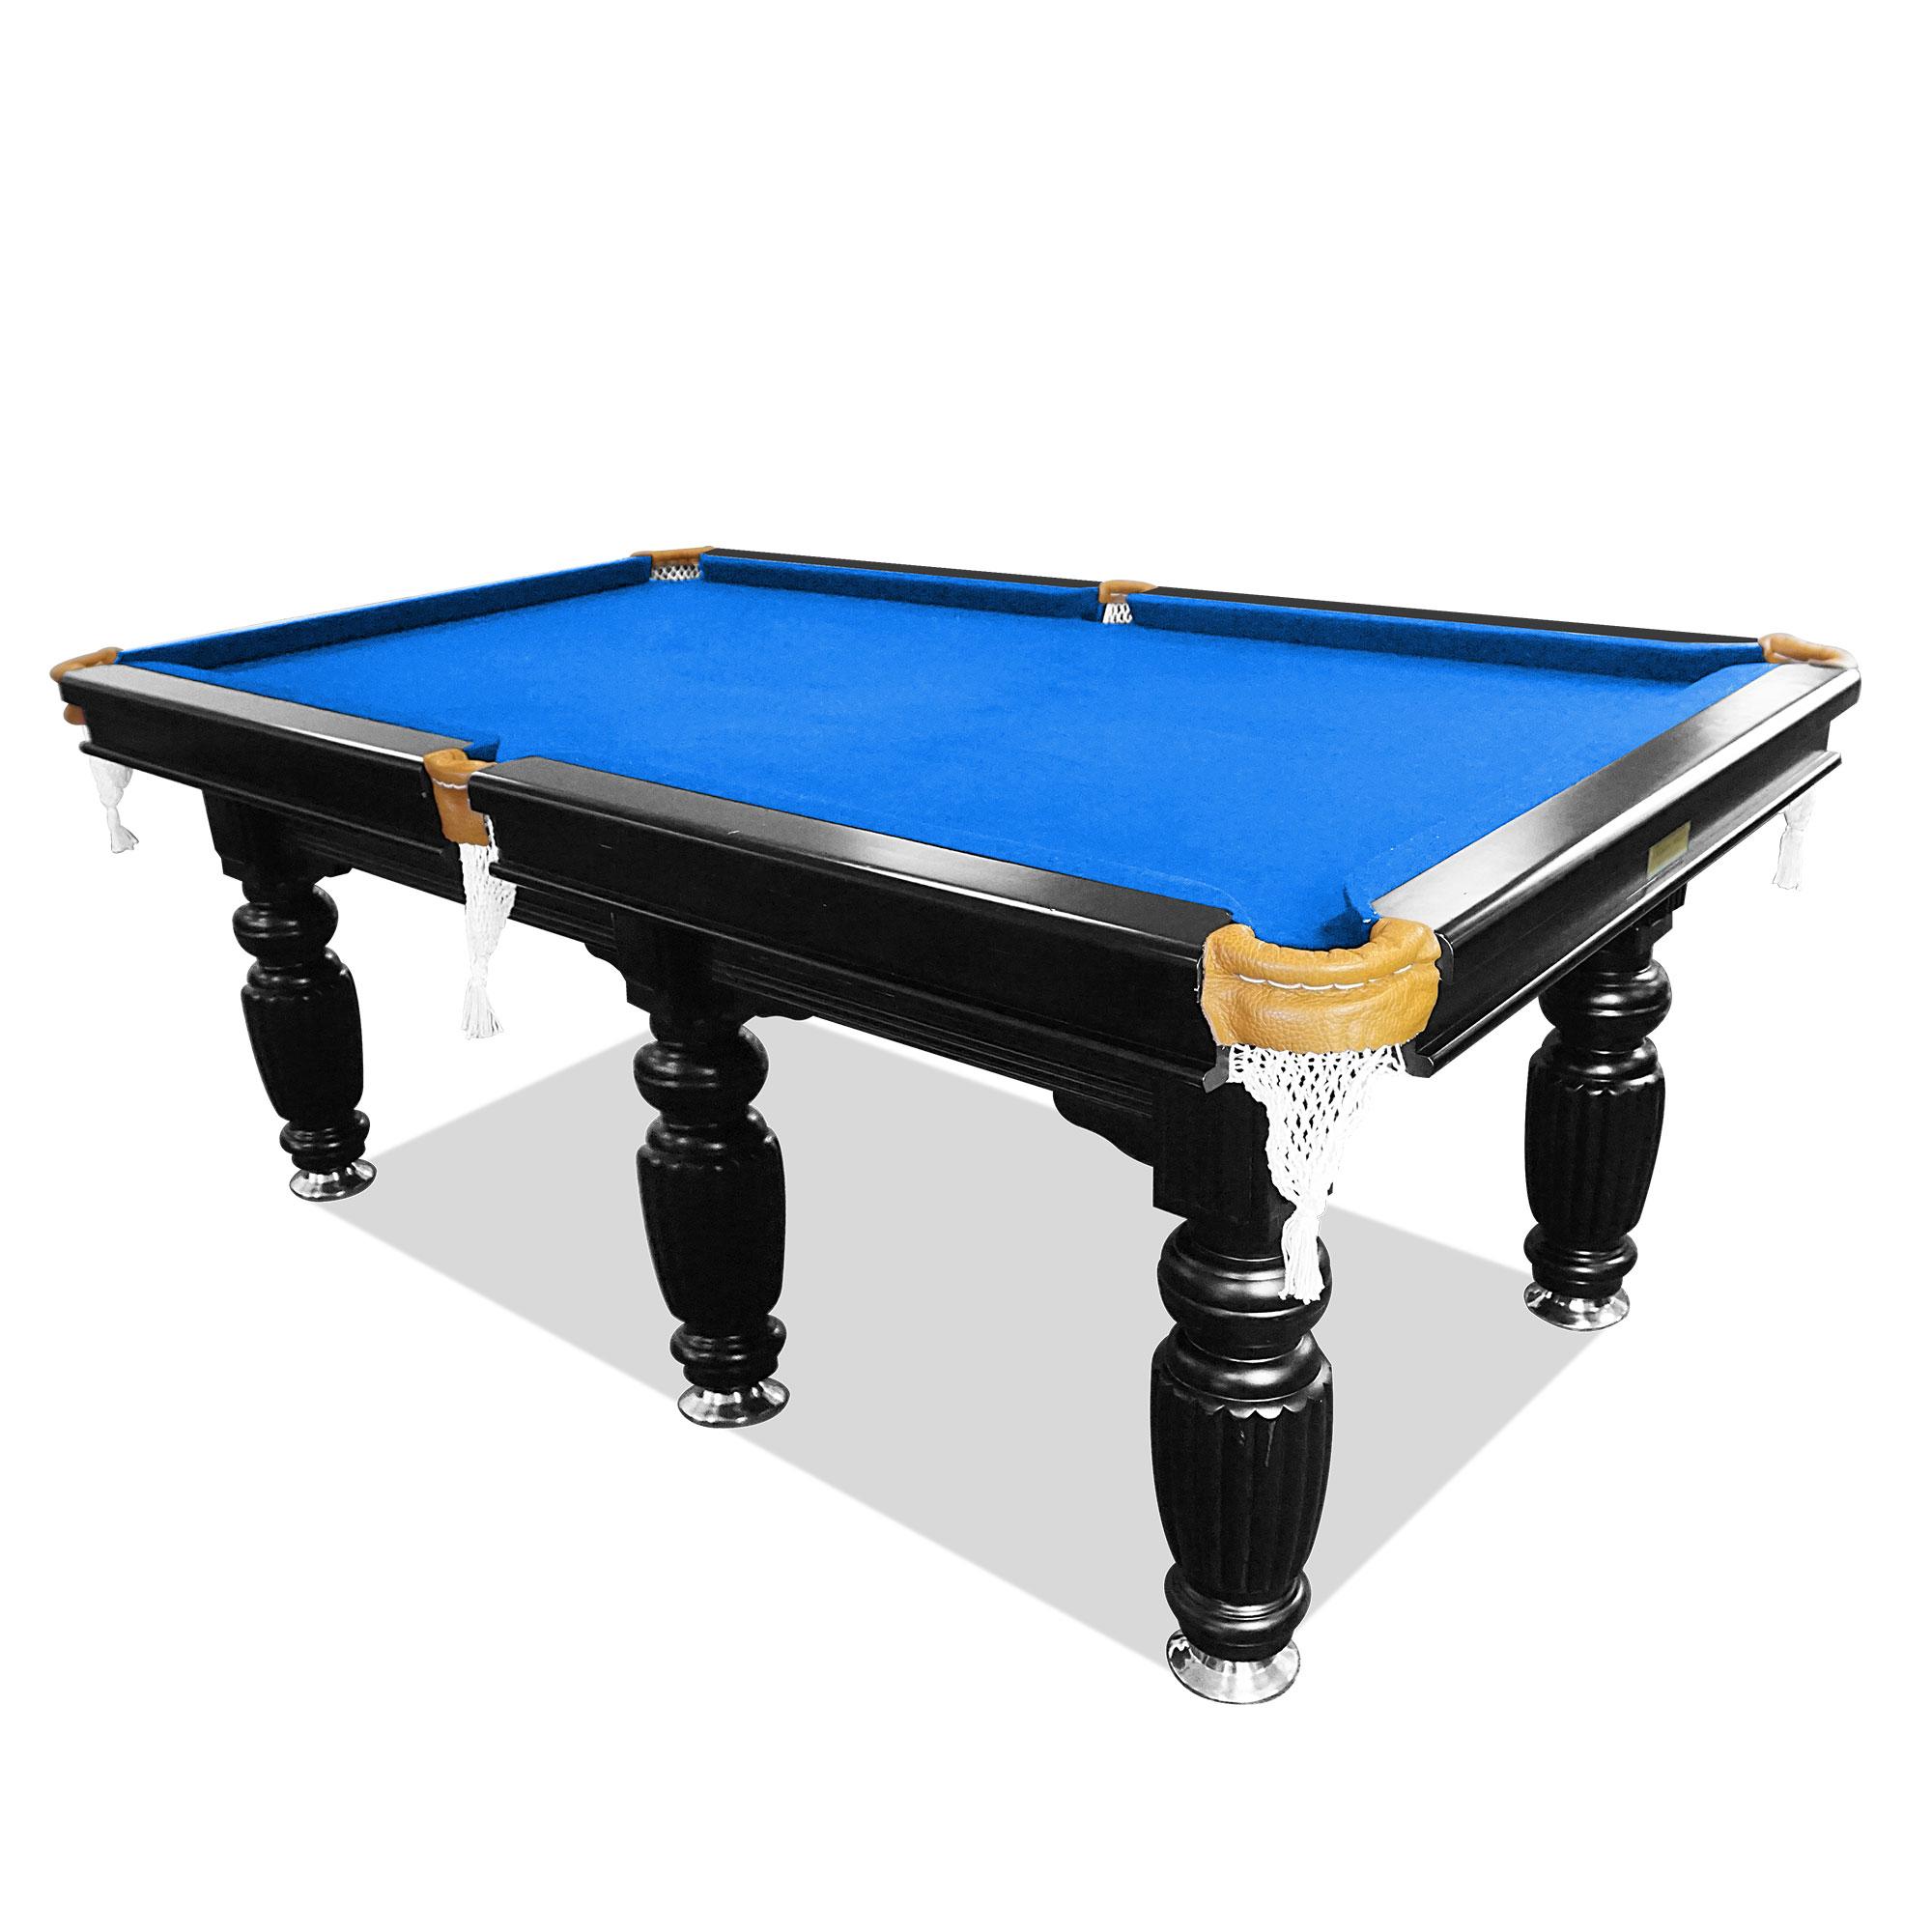 10ft luxury blue slate pool table